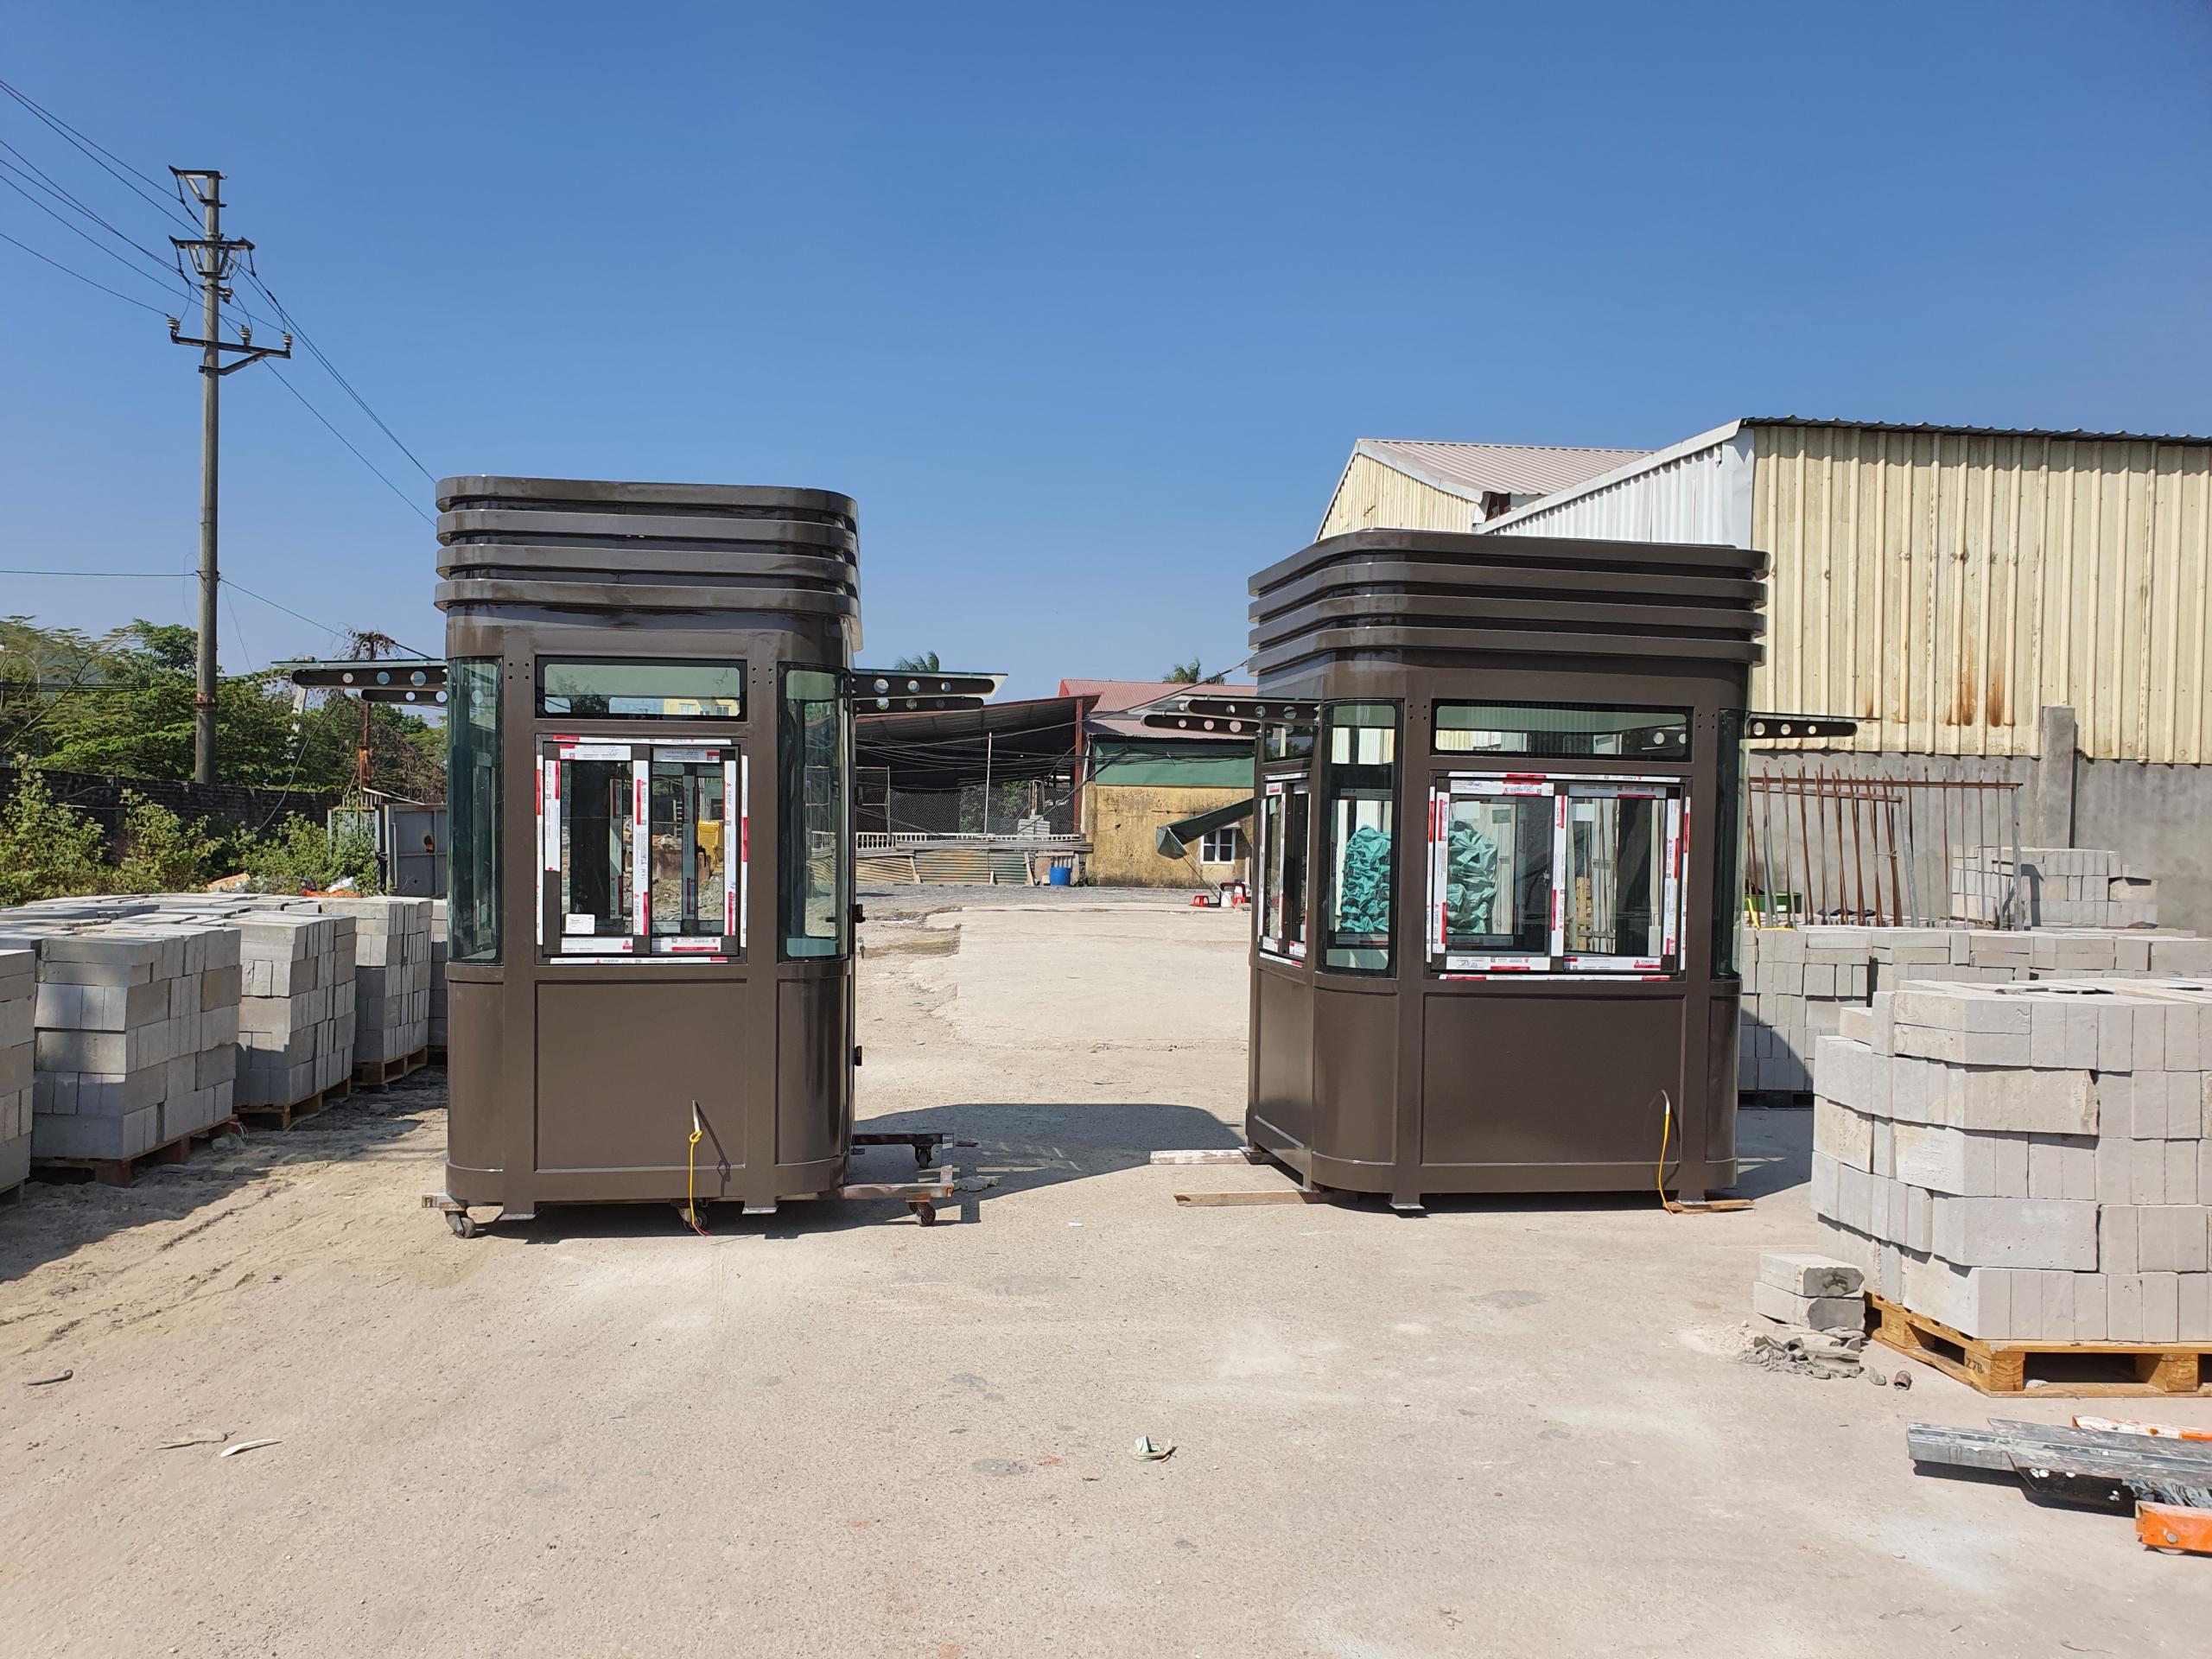 Lắp đặt và cung cấp chốt bảo vệ tại Quảng Nam